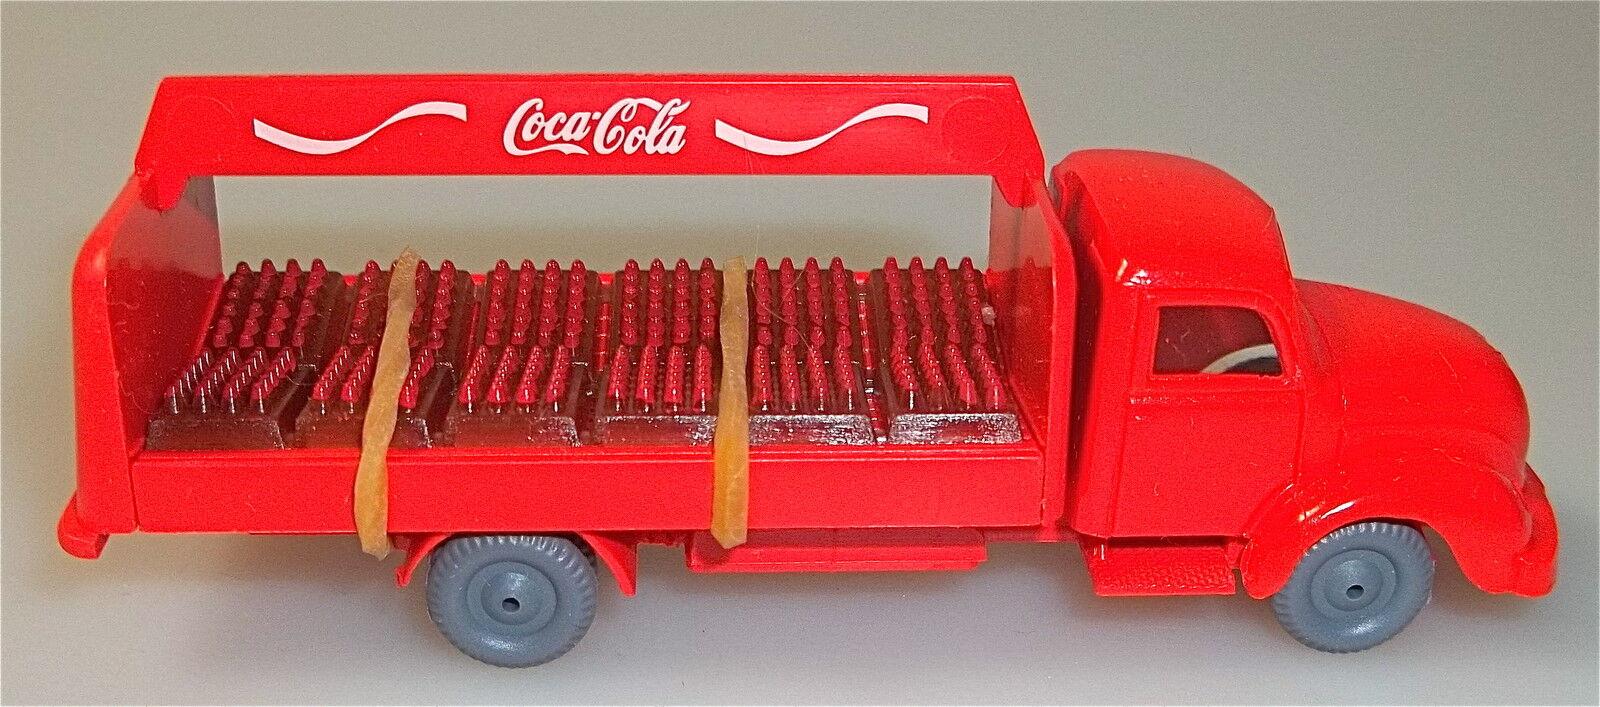 Coca - cola transportador de bebidas r r magirus cami ó n gap ó rotondeado imu nach å